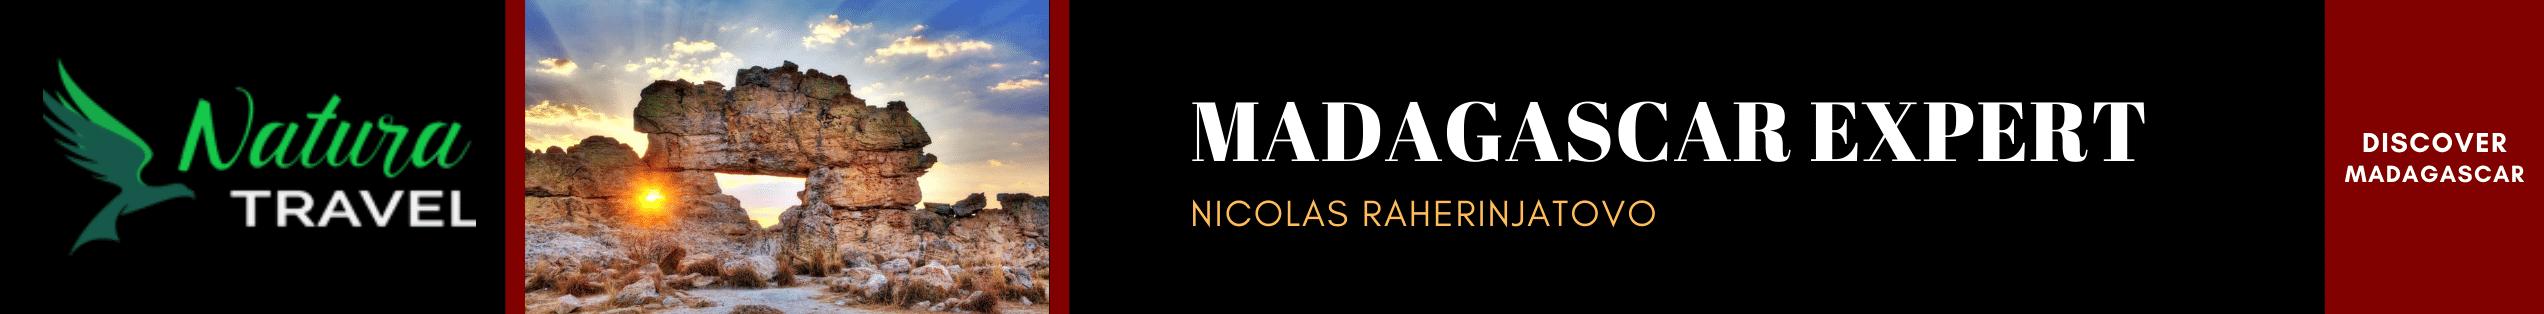 Nicolas Madagascar expert